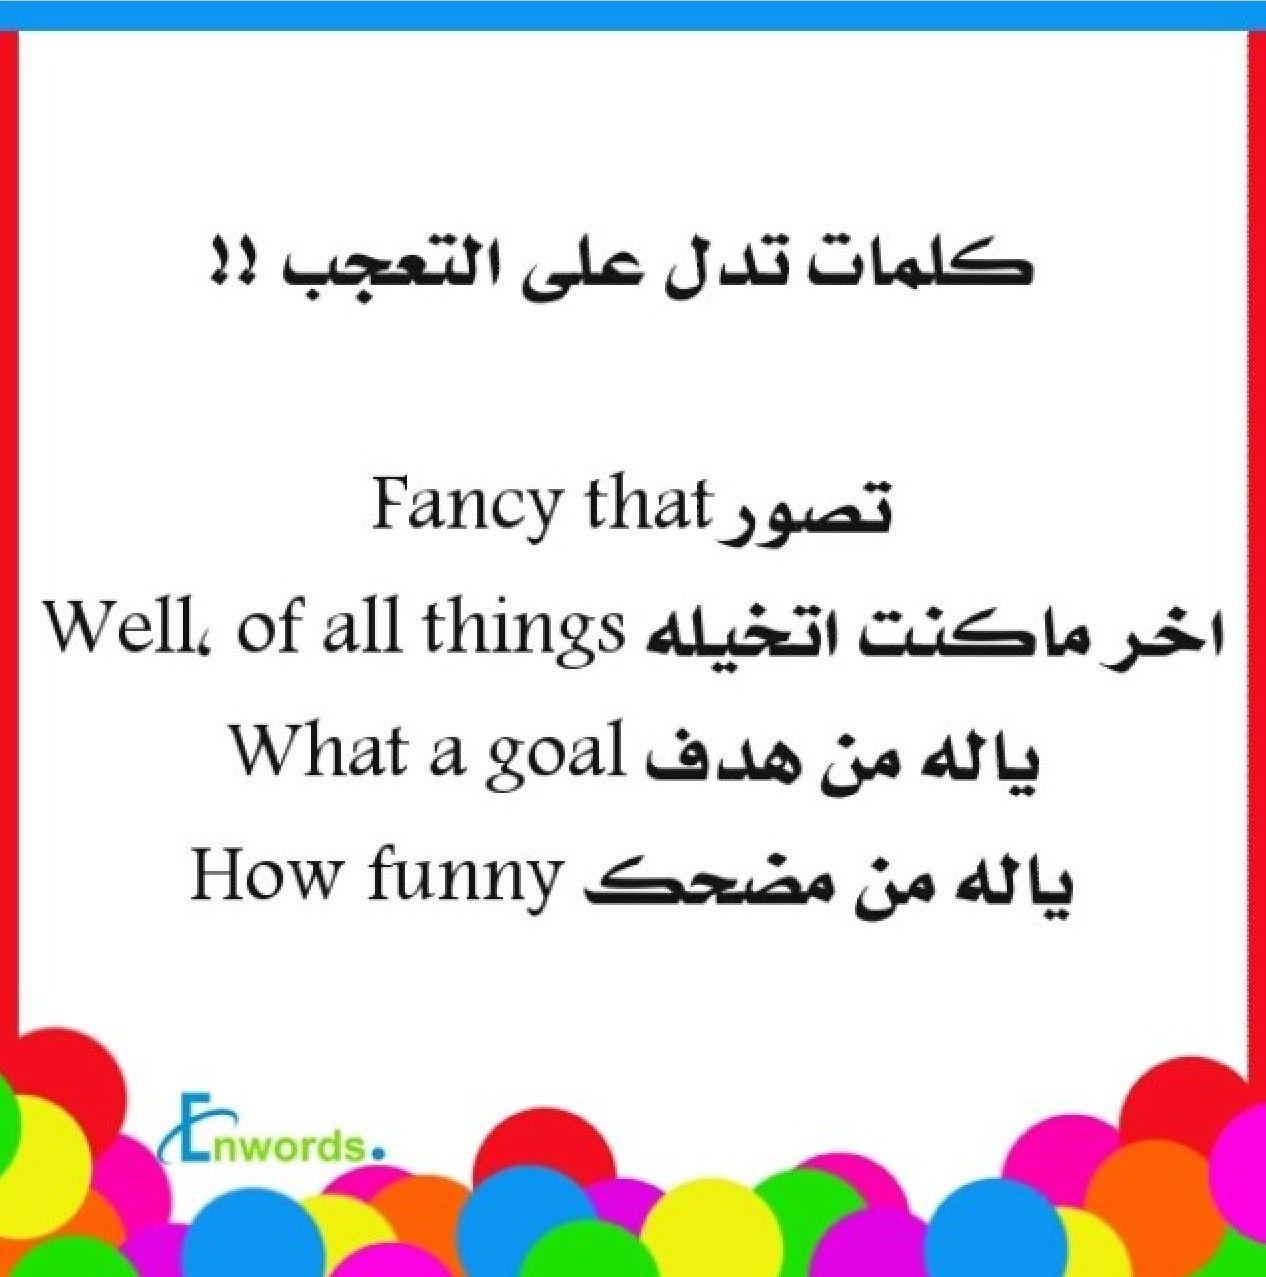 تعلم كلمات اللغة الانجليزية معناenwords English Words English Phrases English Language Learning